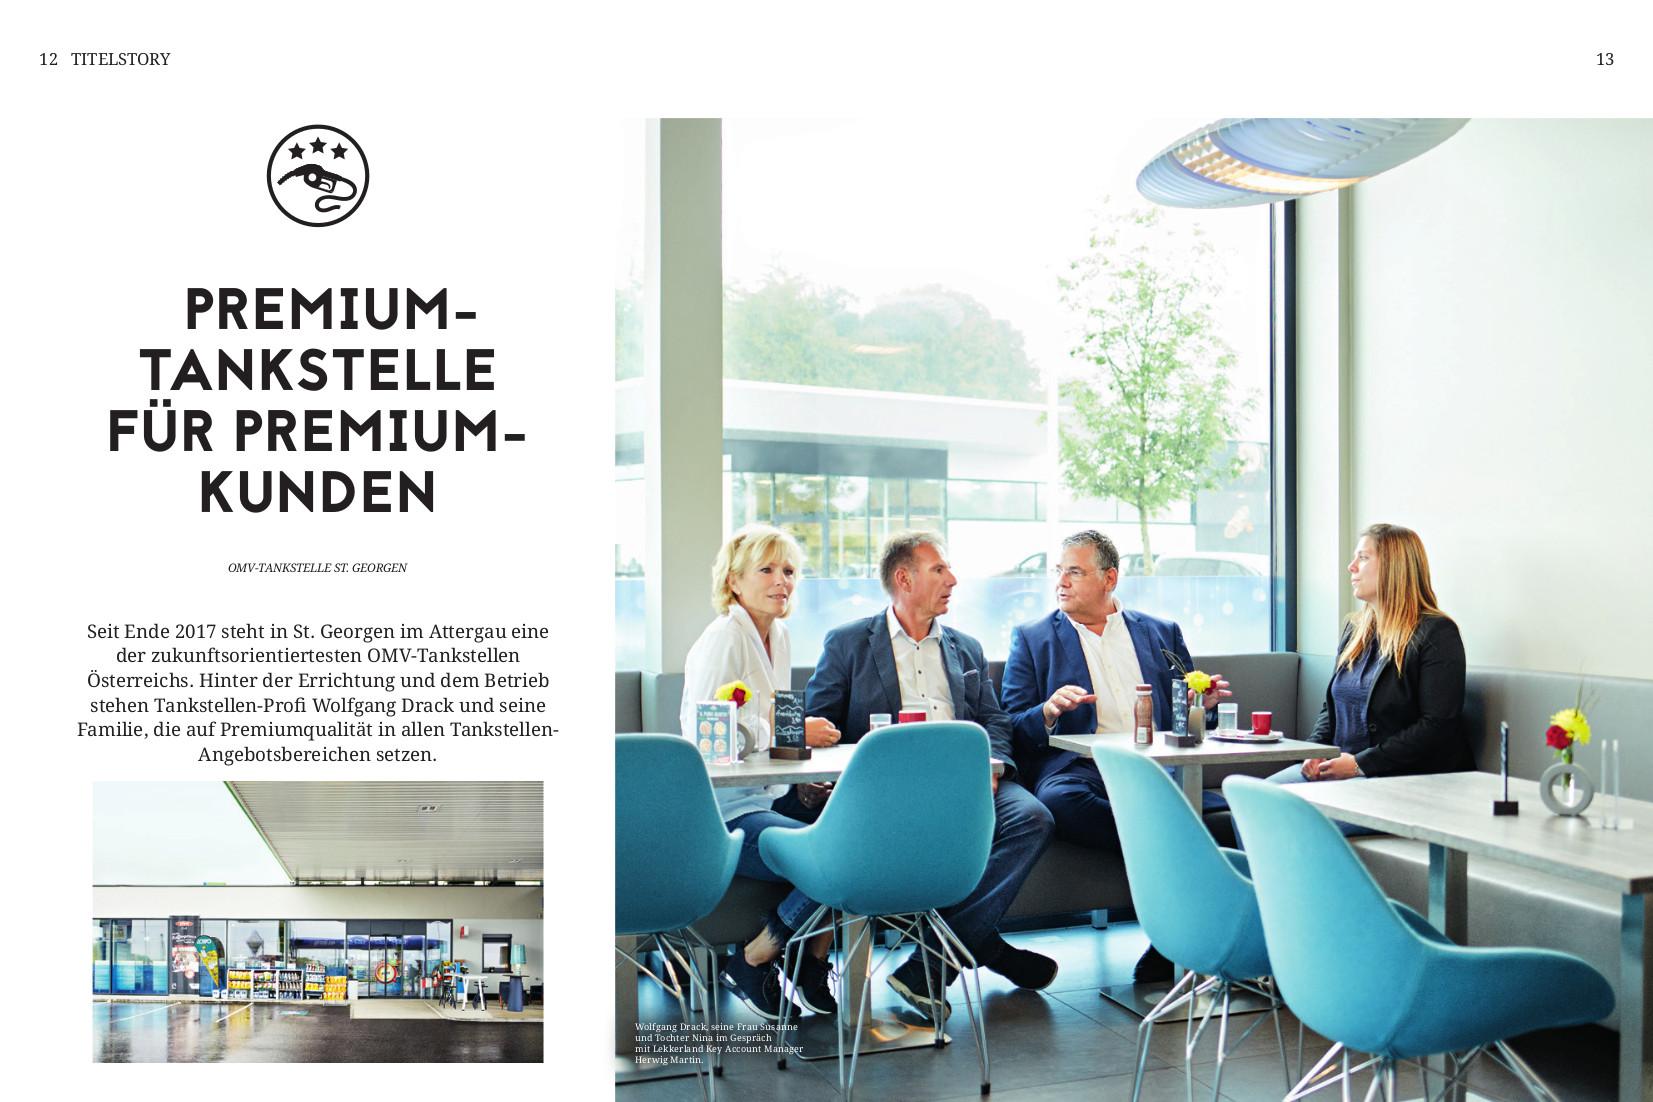 004_19_Lekkerland_Magazin_Titelgeschicht